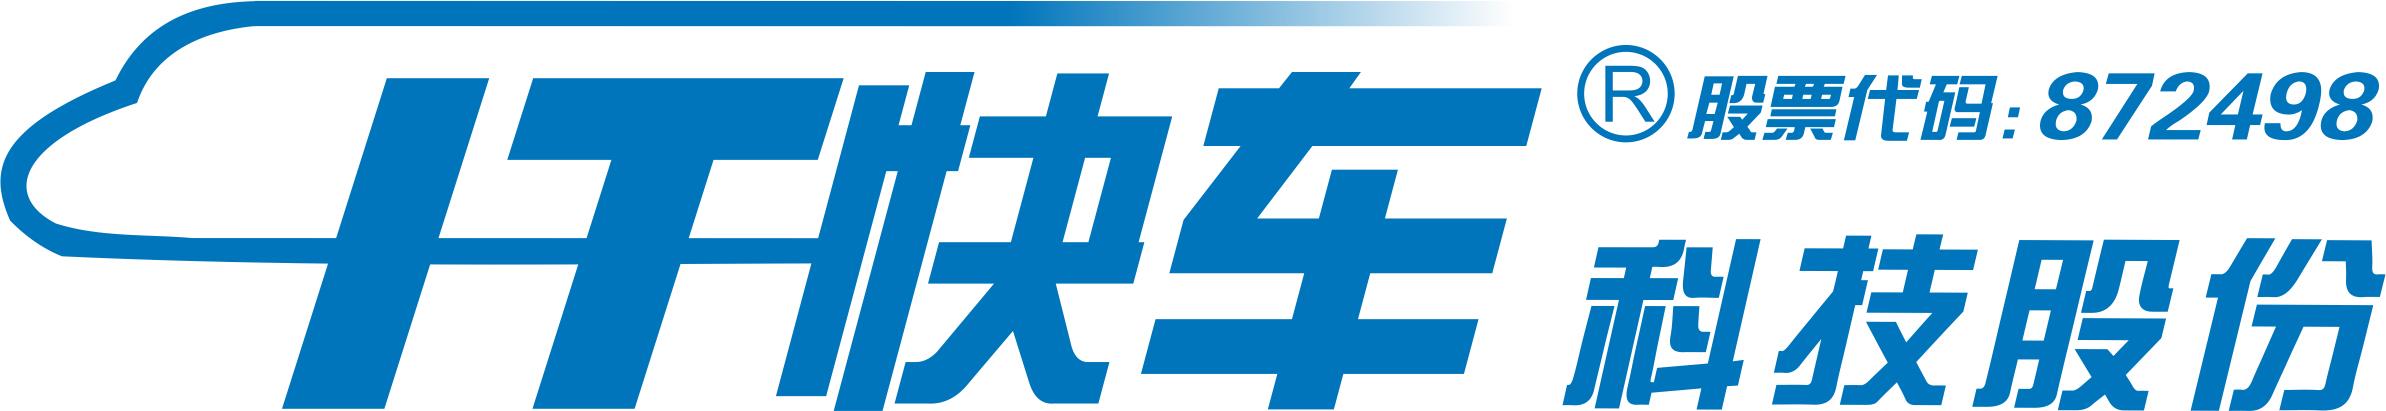 广东快车科技股份有限公司 _才通国际人才网_job001.cn